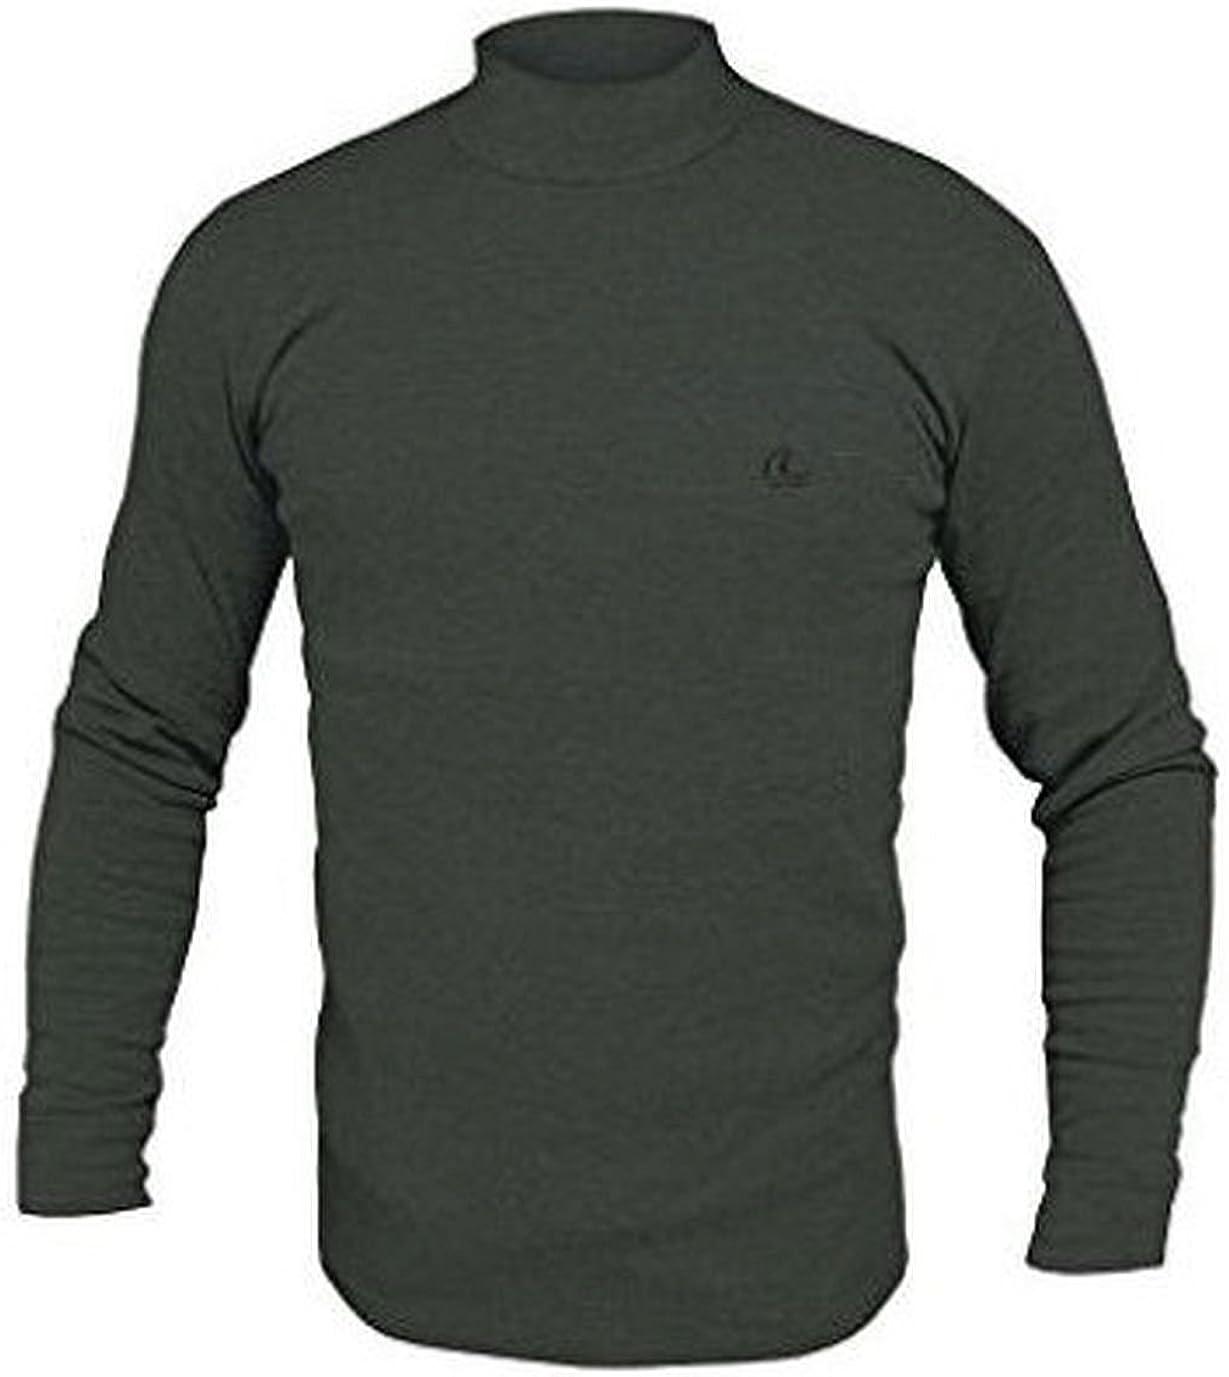 Disponibile in Vari Colori nelle Taglie dalla 3 alla 7 Navigare Lupetto Collo Alto Uomo Manica Lunga Underwear in Cotone Interlock GARZATO